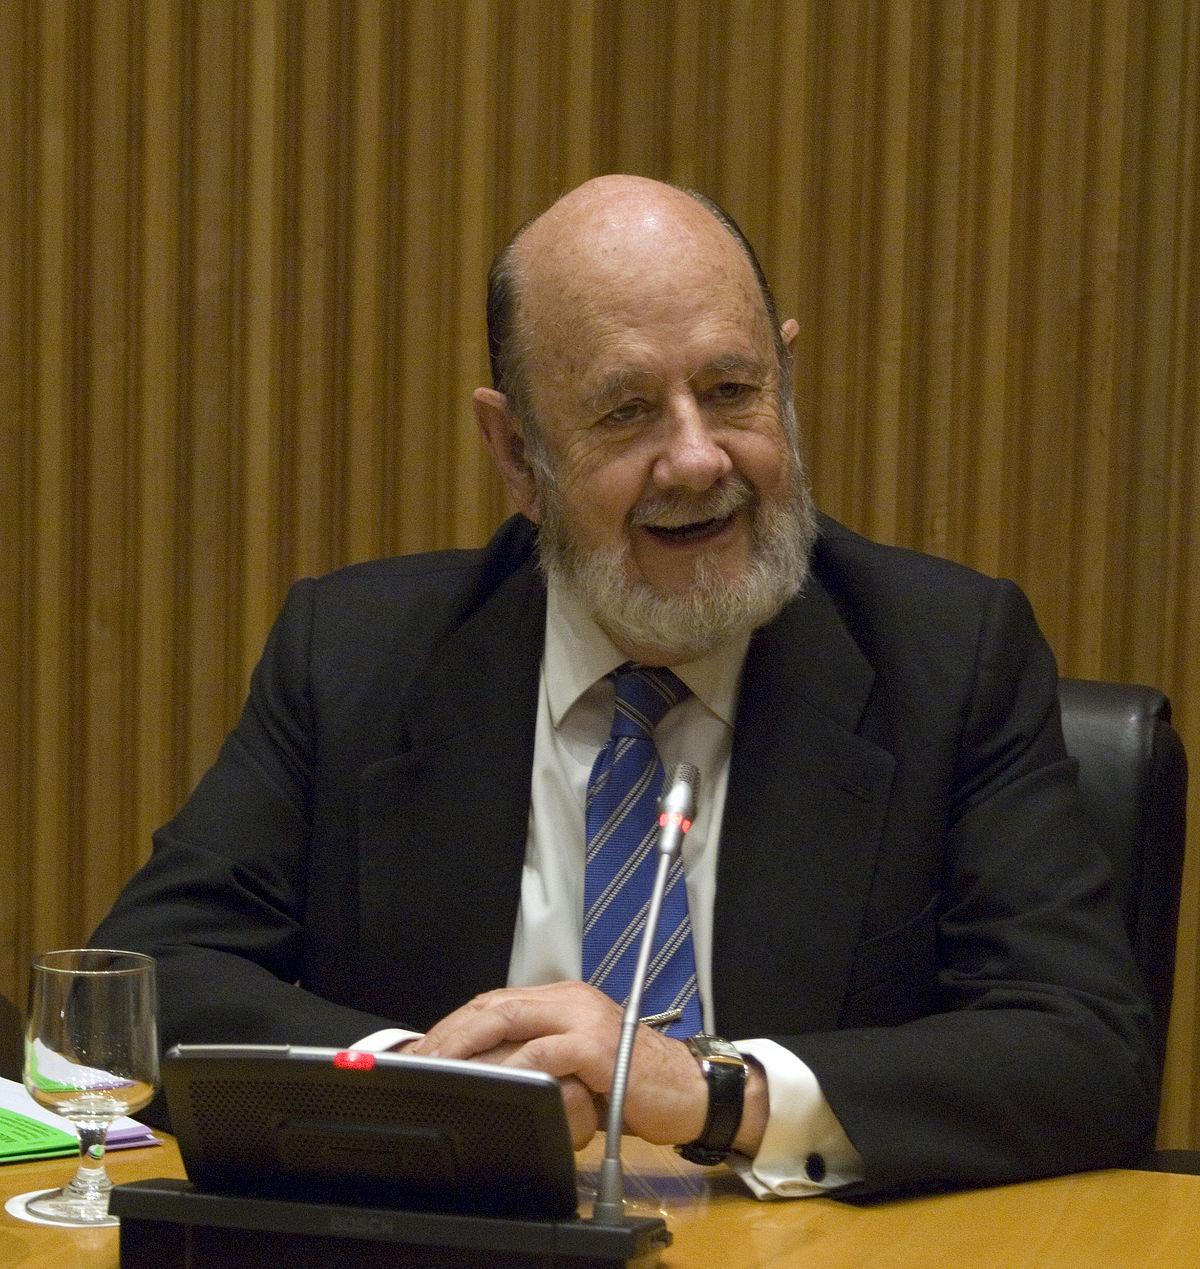 José María Gil-Robles - Wikipedia